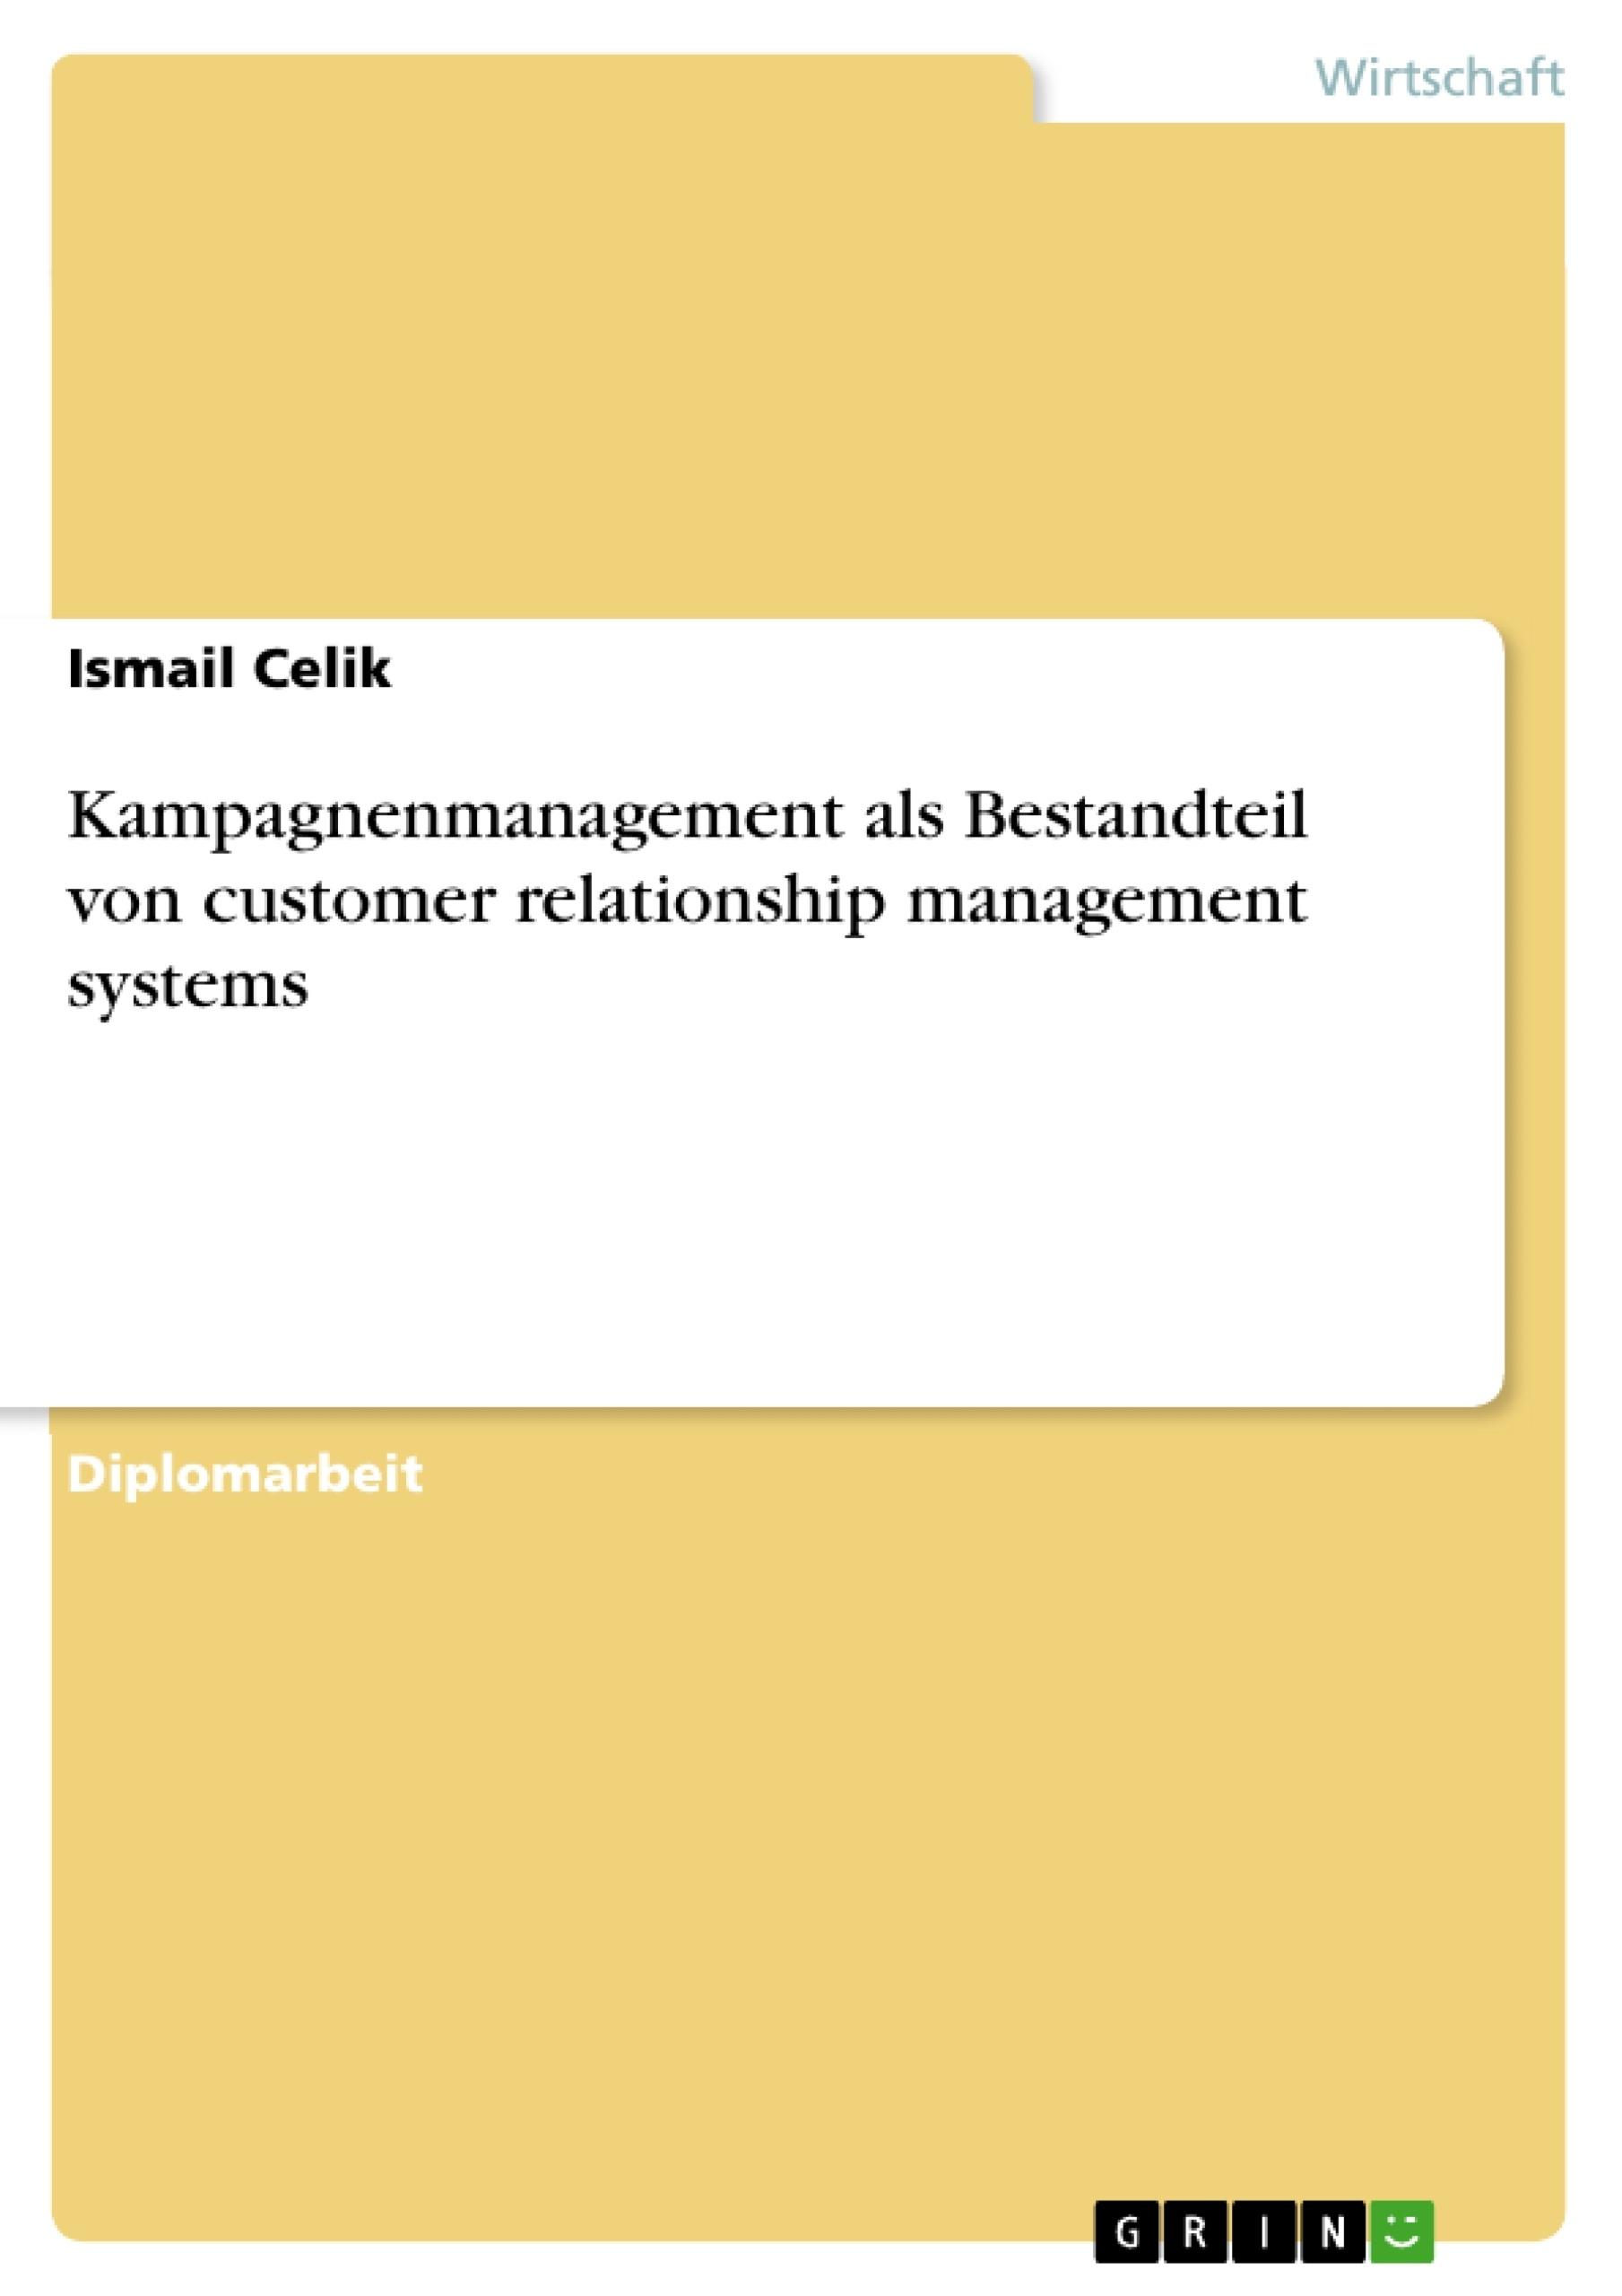 Titel: Kampagnenmanagement als Bestandteil von customer relationship management systems